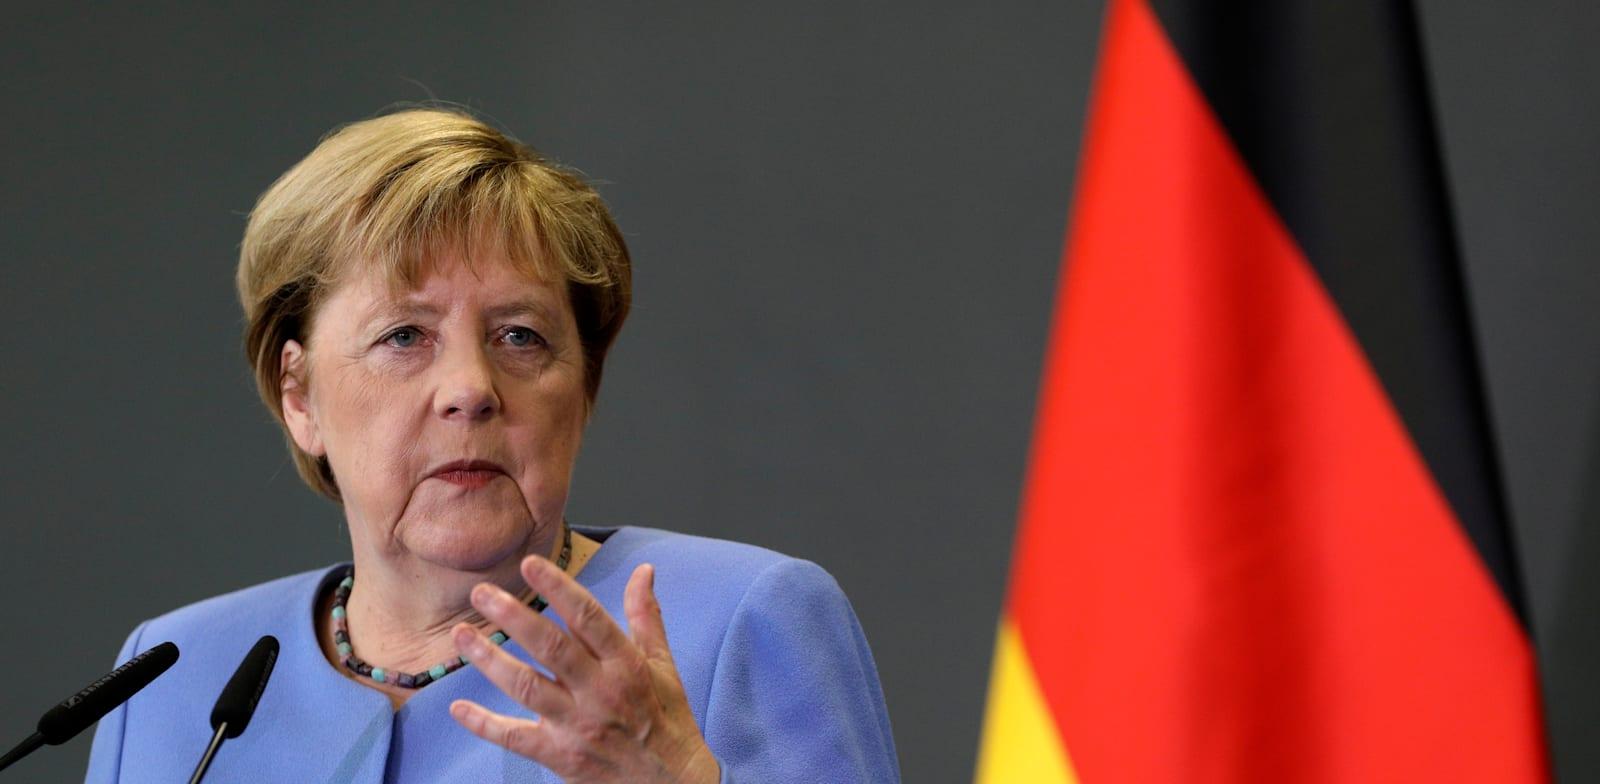 קנצלרית גרמניה אנגלה מרקל / צילום: Associated Press, Franc Zhurda